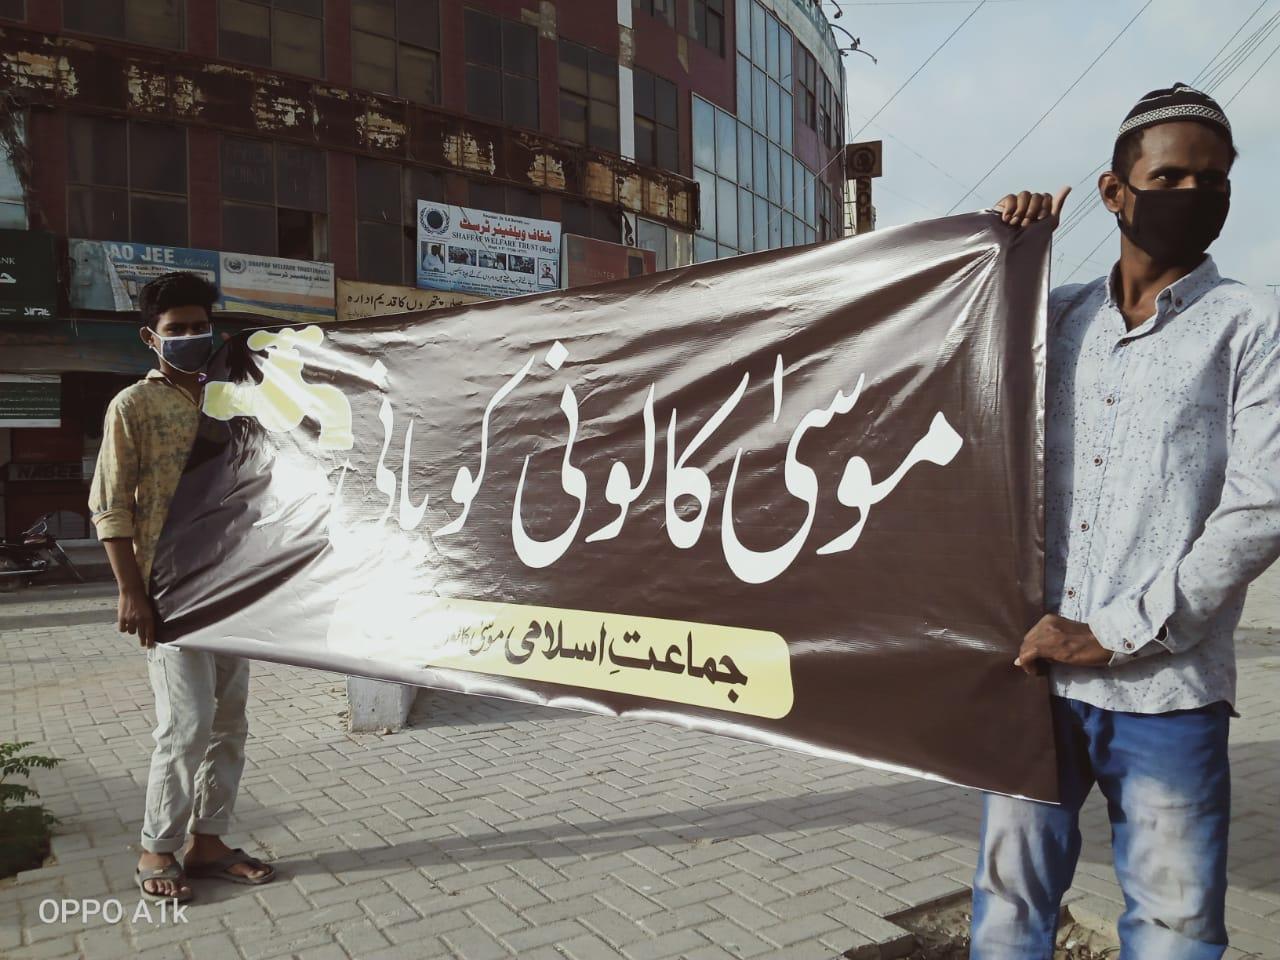 کراچی : لالوکھیت میں احتجاج